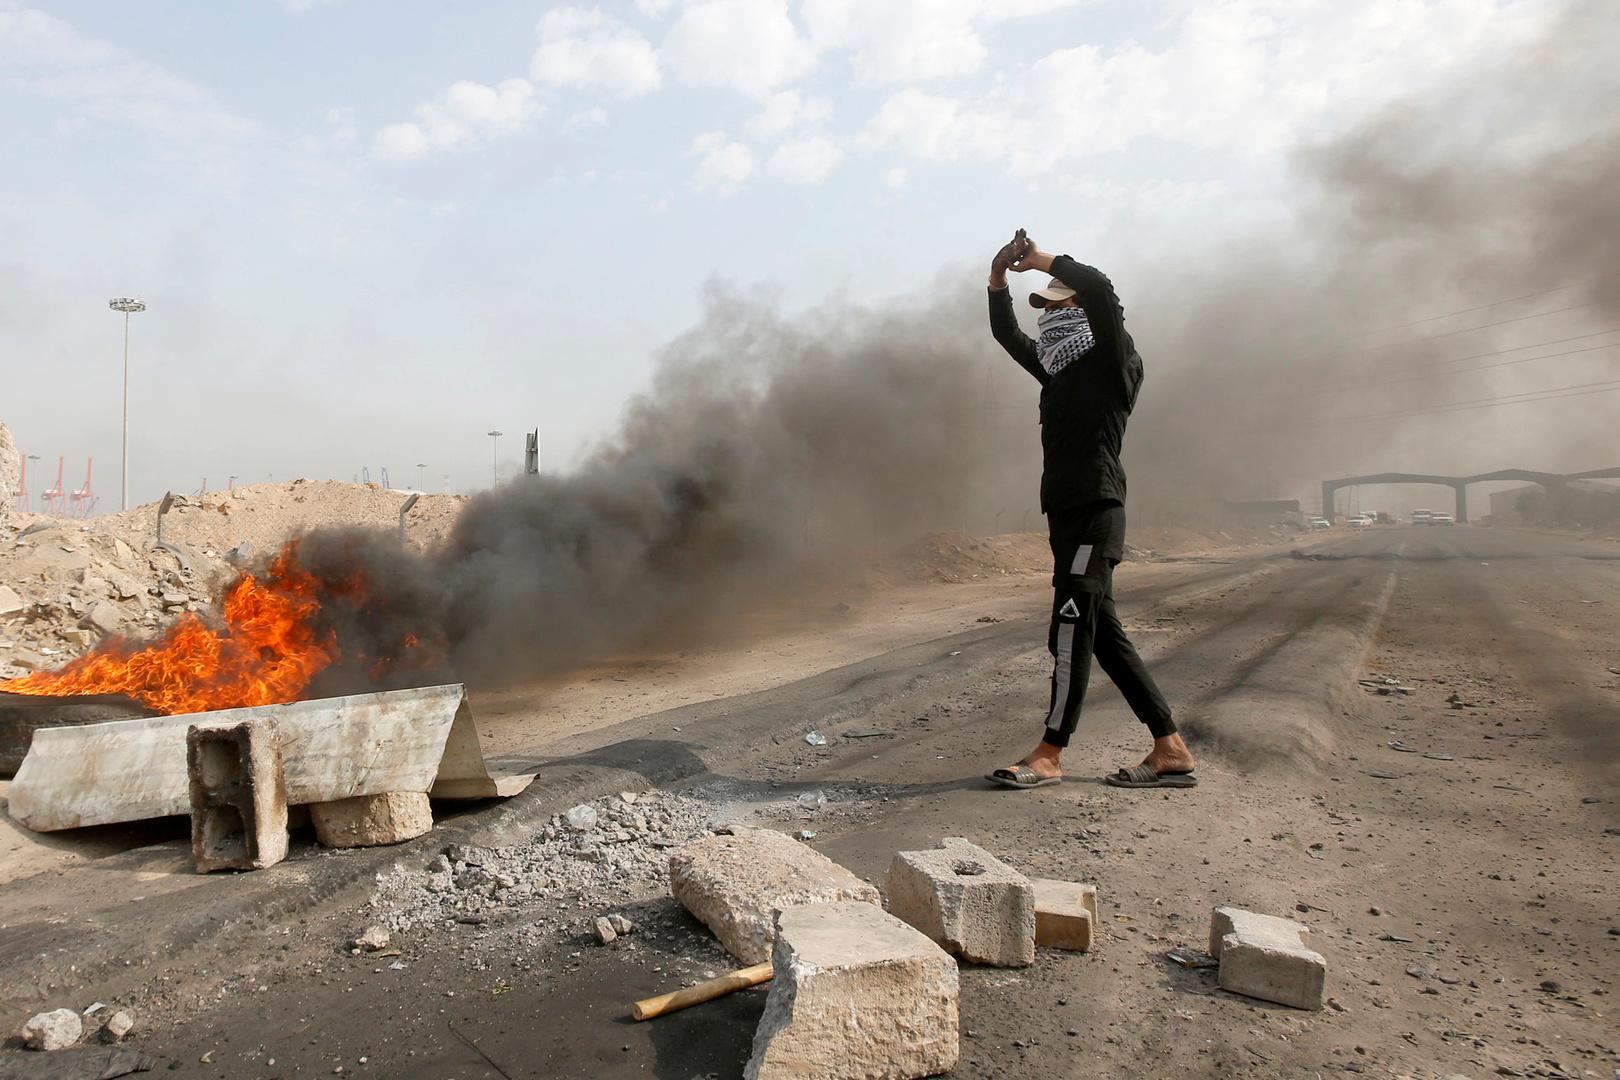 متظاهر عراقي يحرق إطارات لعرقلة الدخول إلى ميناء أم قصر